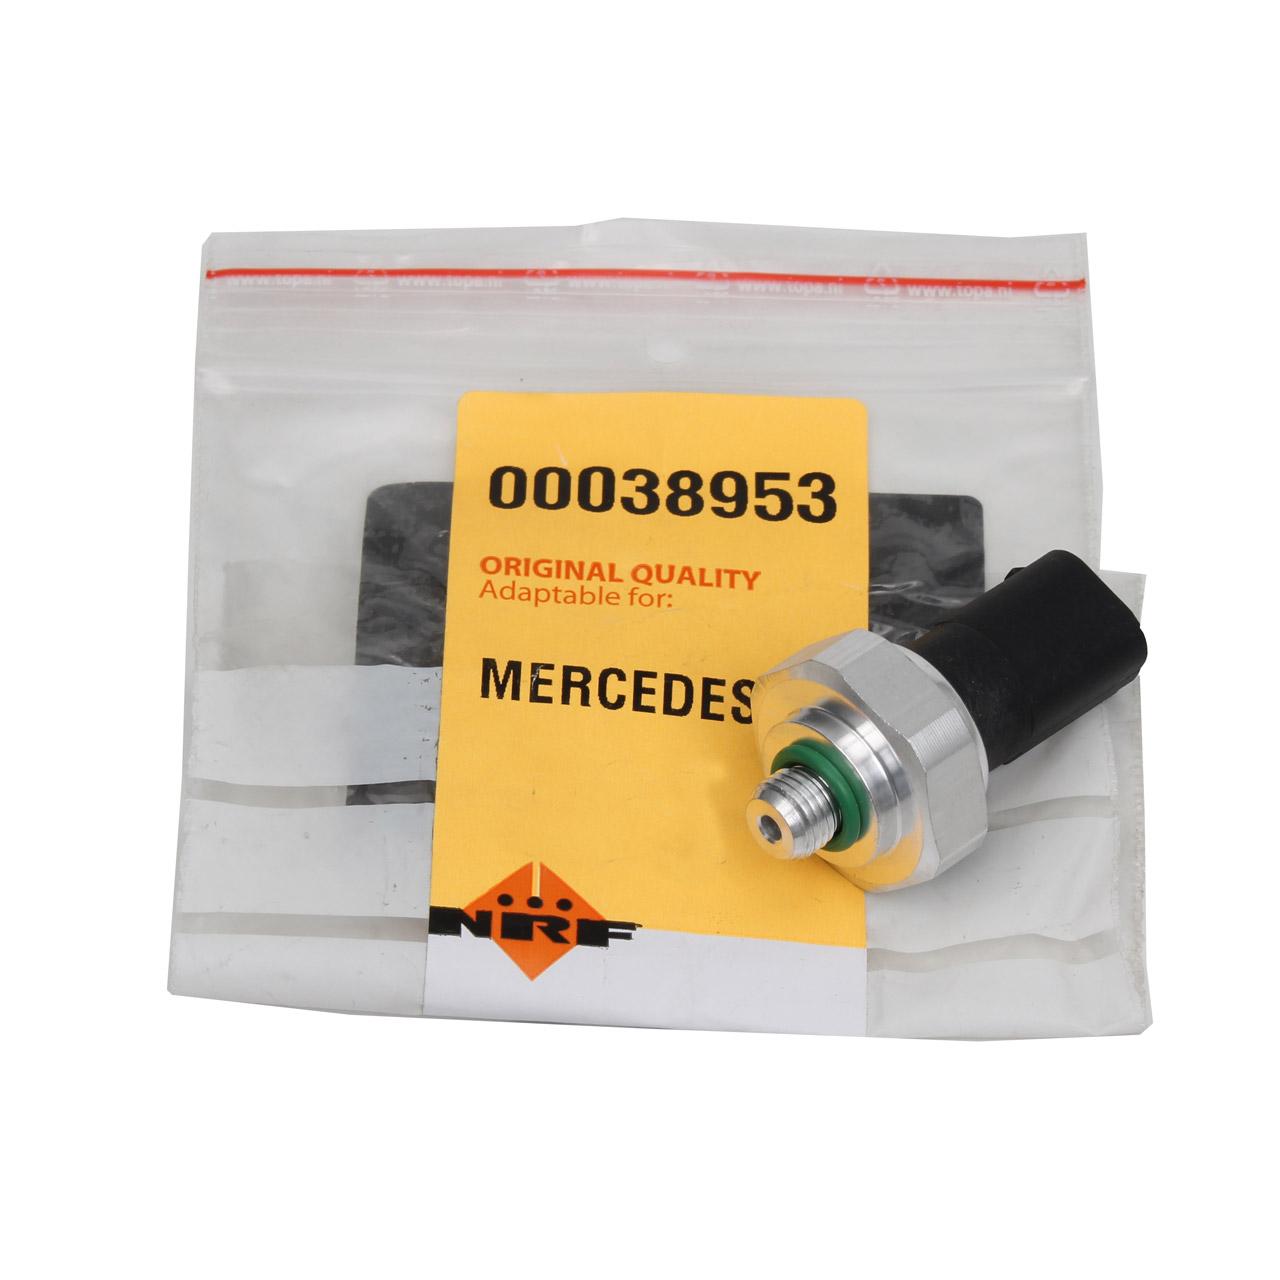 NRF 38953 Druckschalter Klimaanlage MERCEDES W203 W212 W222 SLK R171 W164 Sprinter 3t-5t